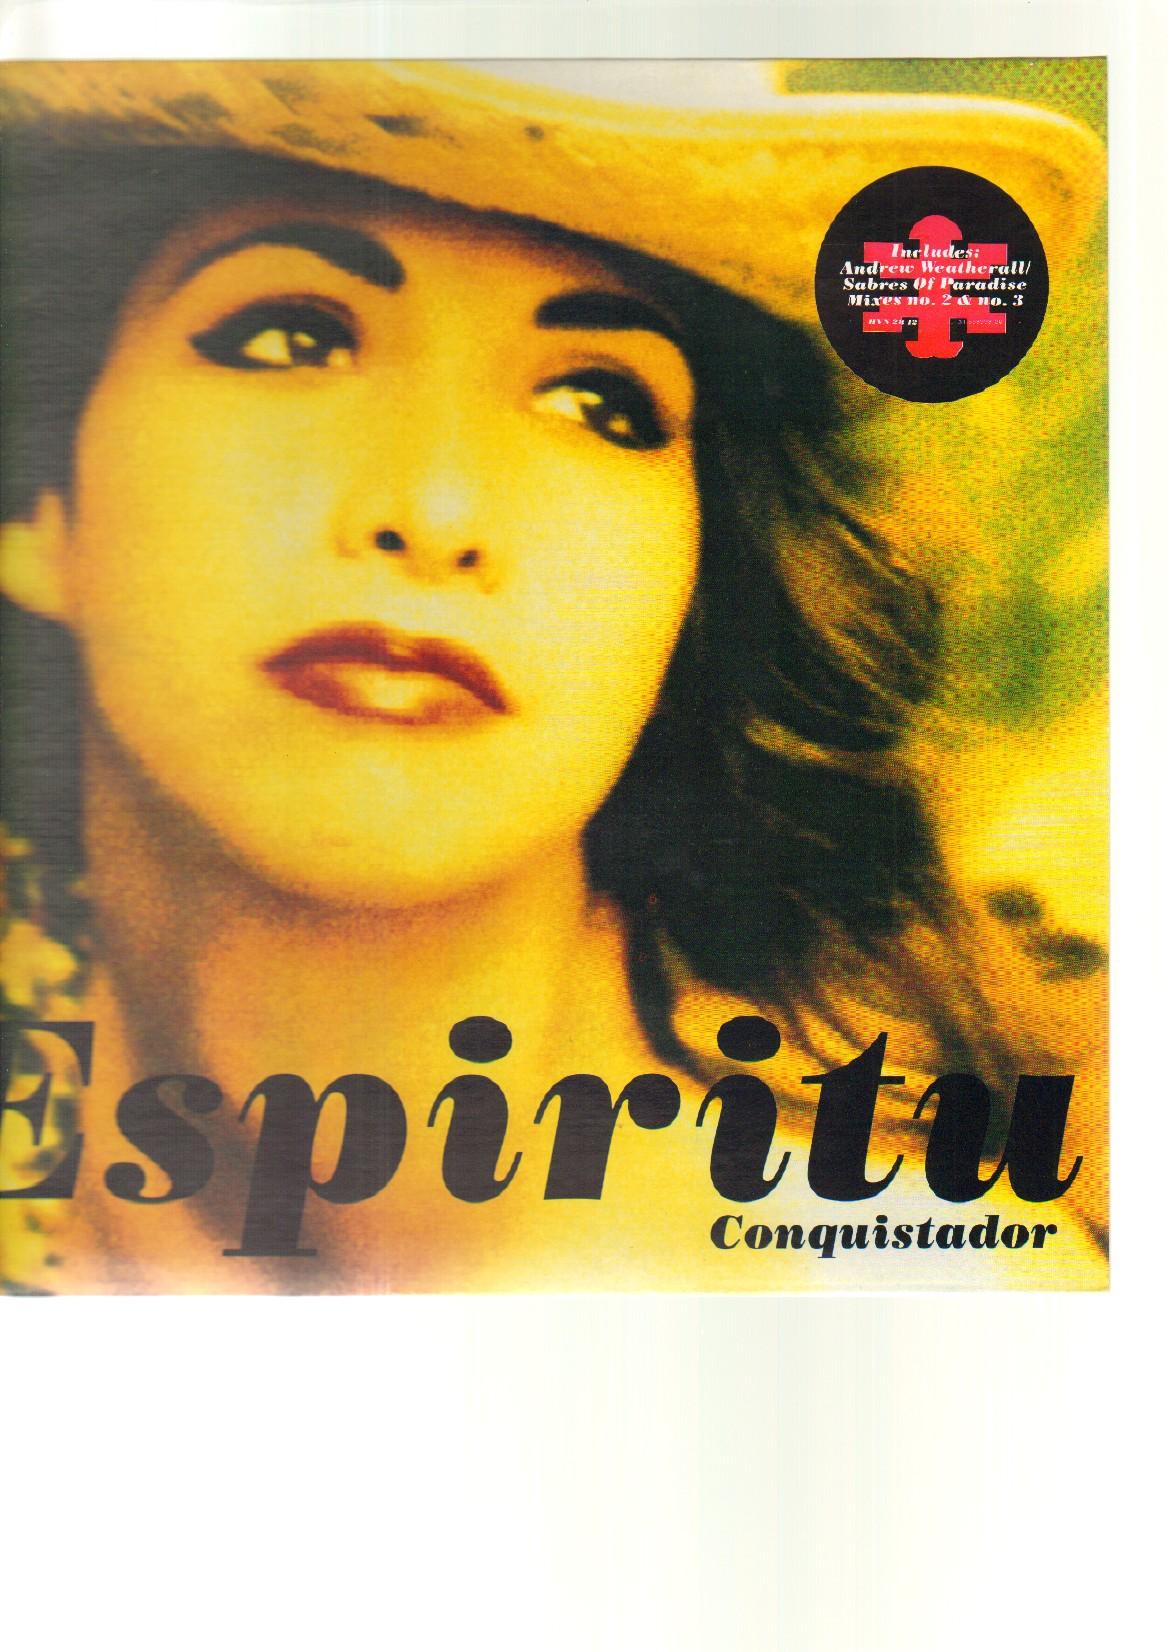 ESPIRITU - CONQUISTADOR - 12 inch 45 rpm